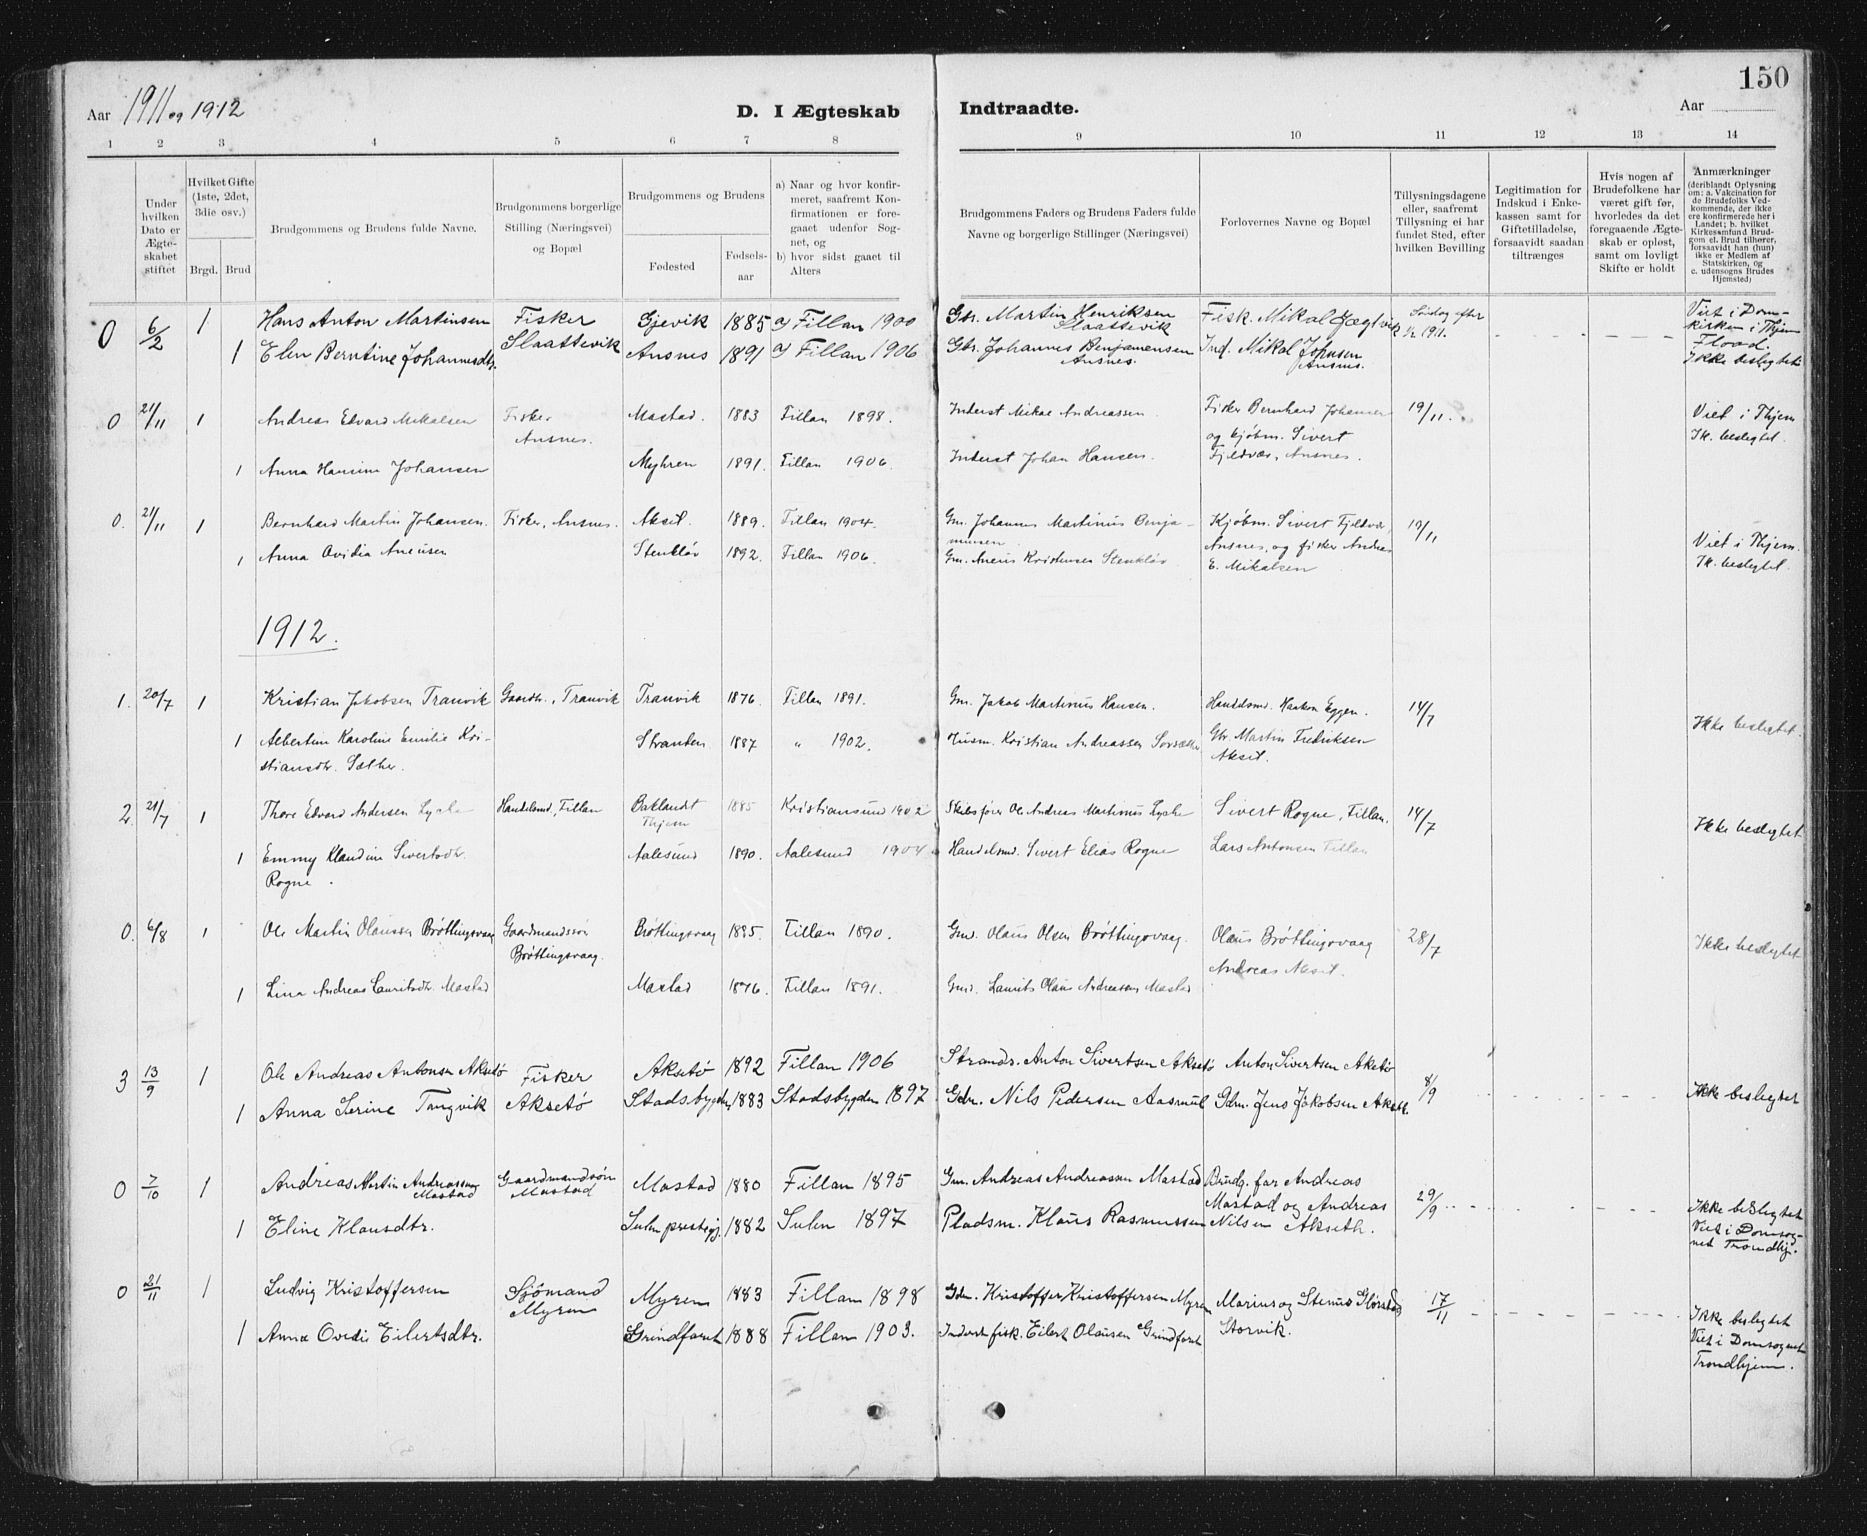 SAT, Ministerialprotokoller, klokkerbøker og fødselsregistre - Sør-Trøndelag, 637/L0563: Klokkerbok nr. 637C04, 1899-1940, s. 150